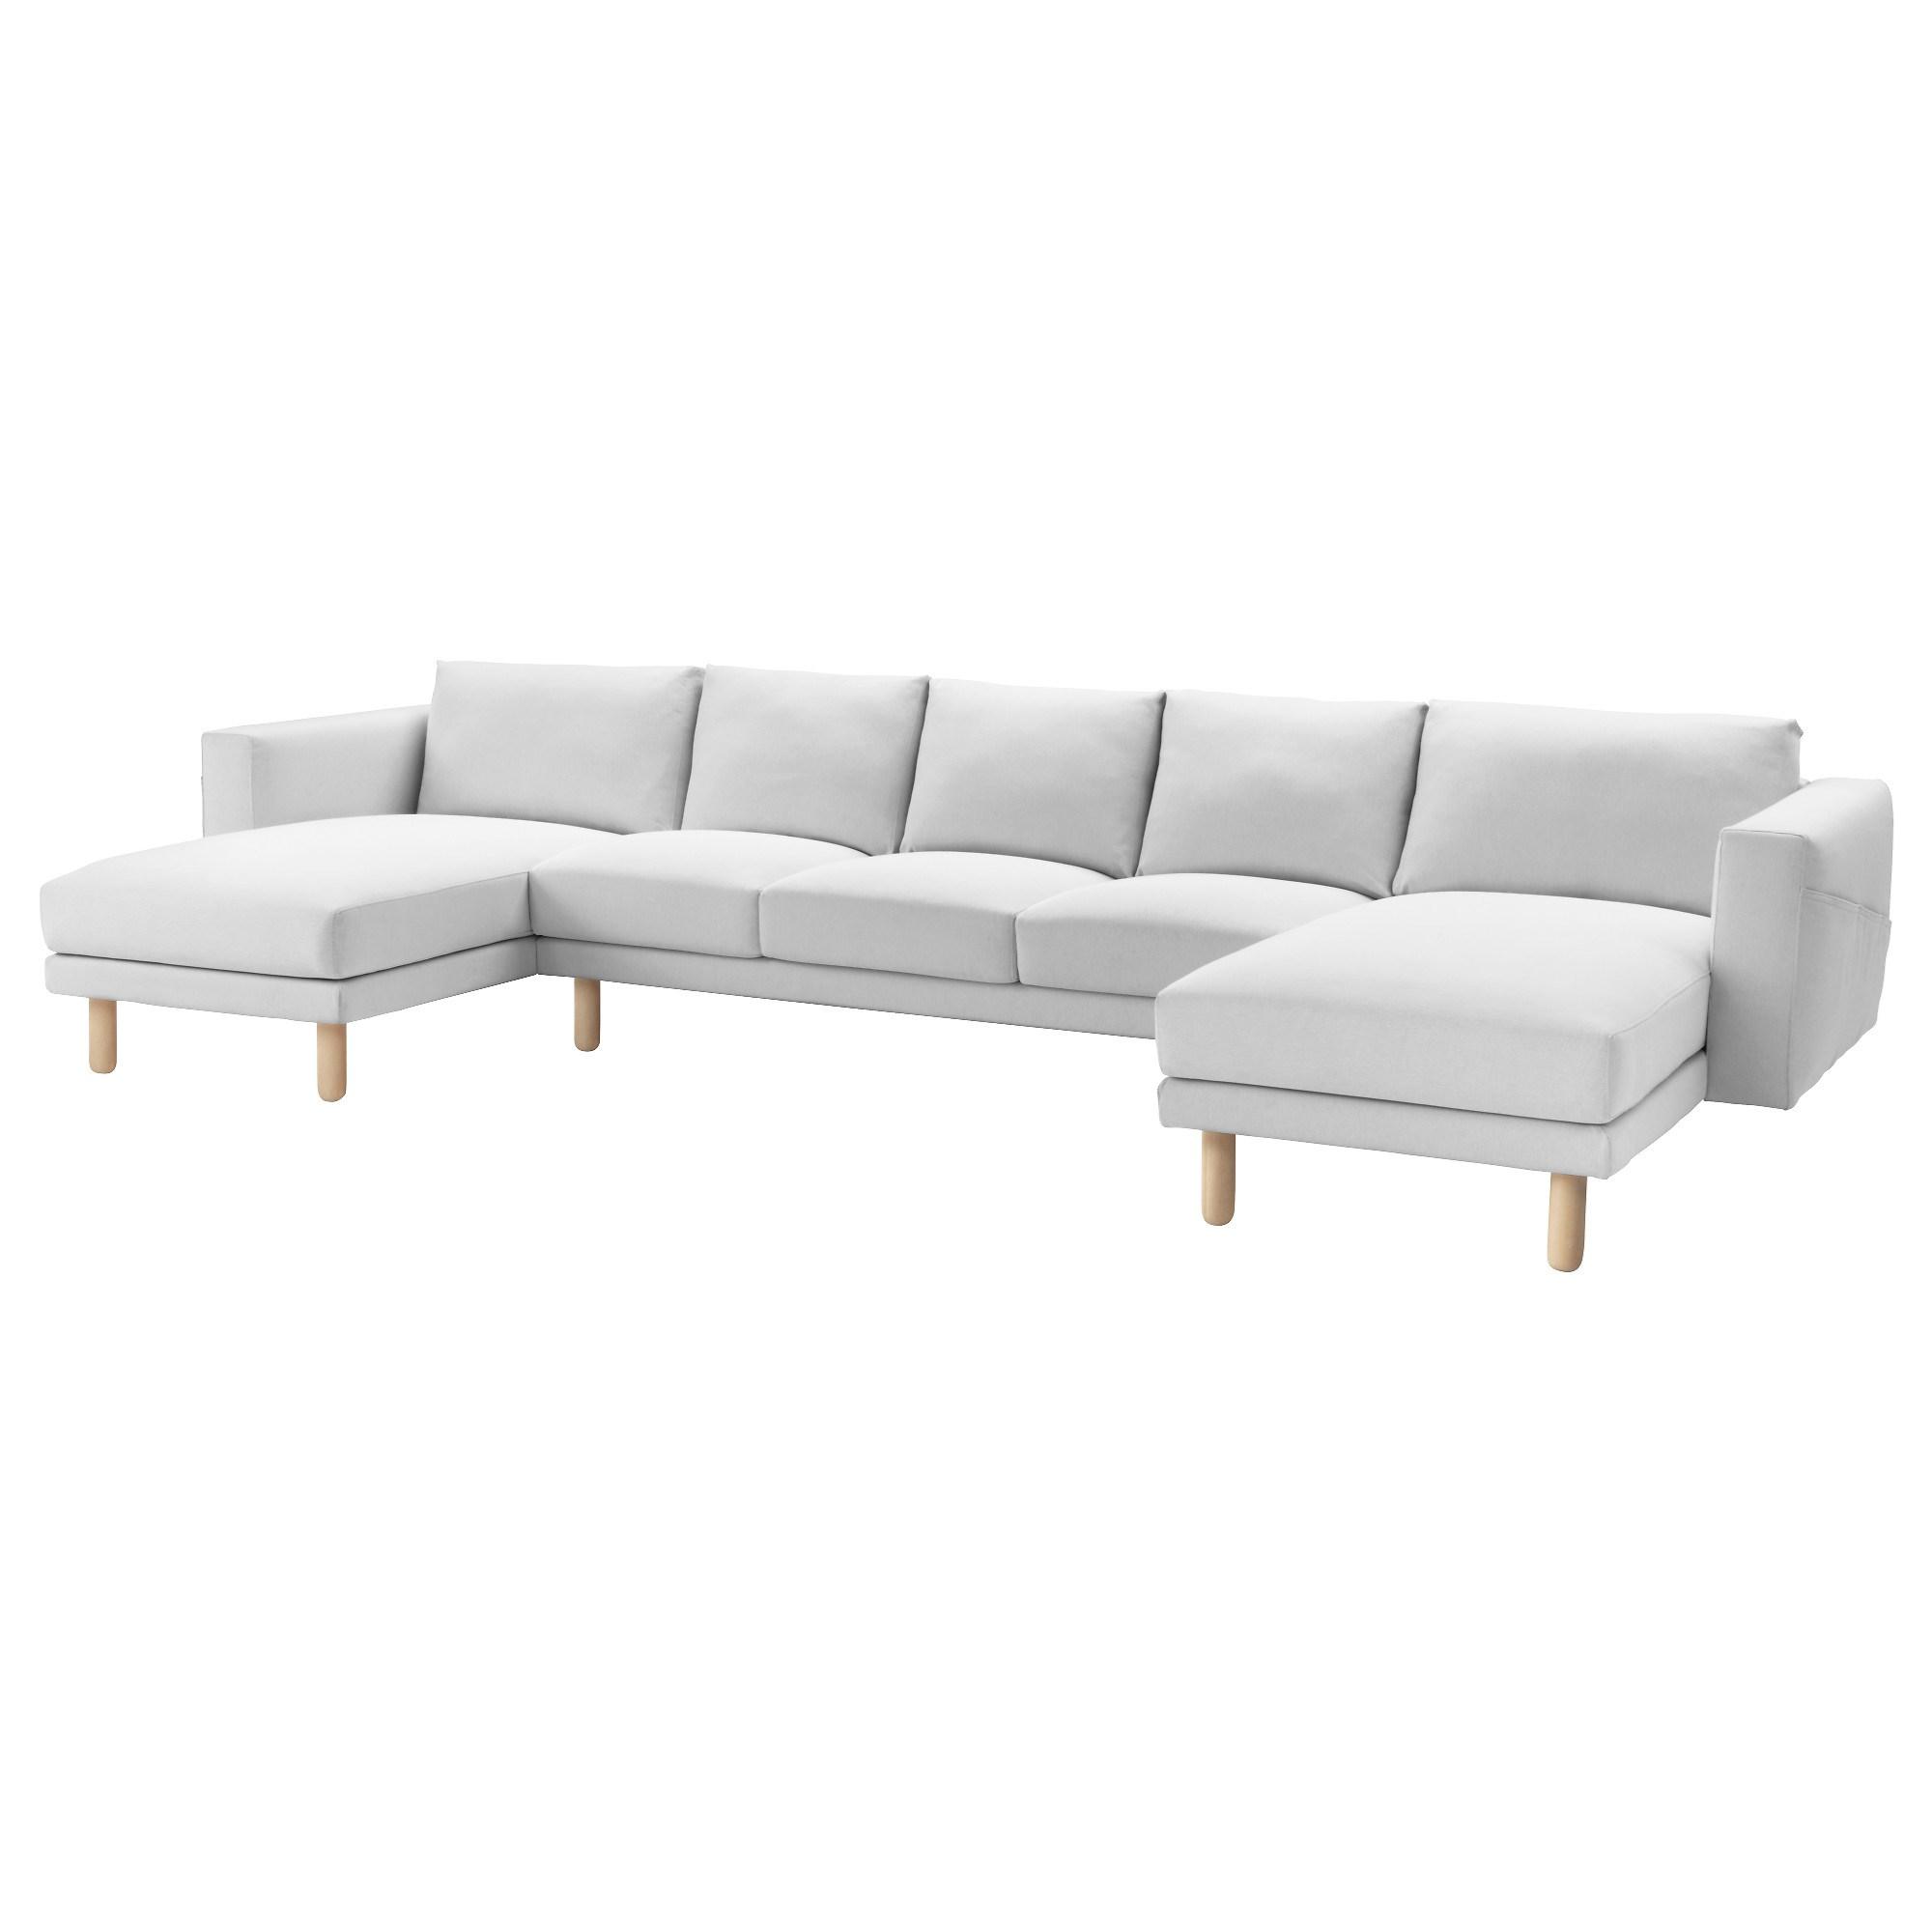 NORSBORG 3'lü kanepe ve 2 uzanma koltuğu finnsta beyaz-huş ...